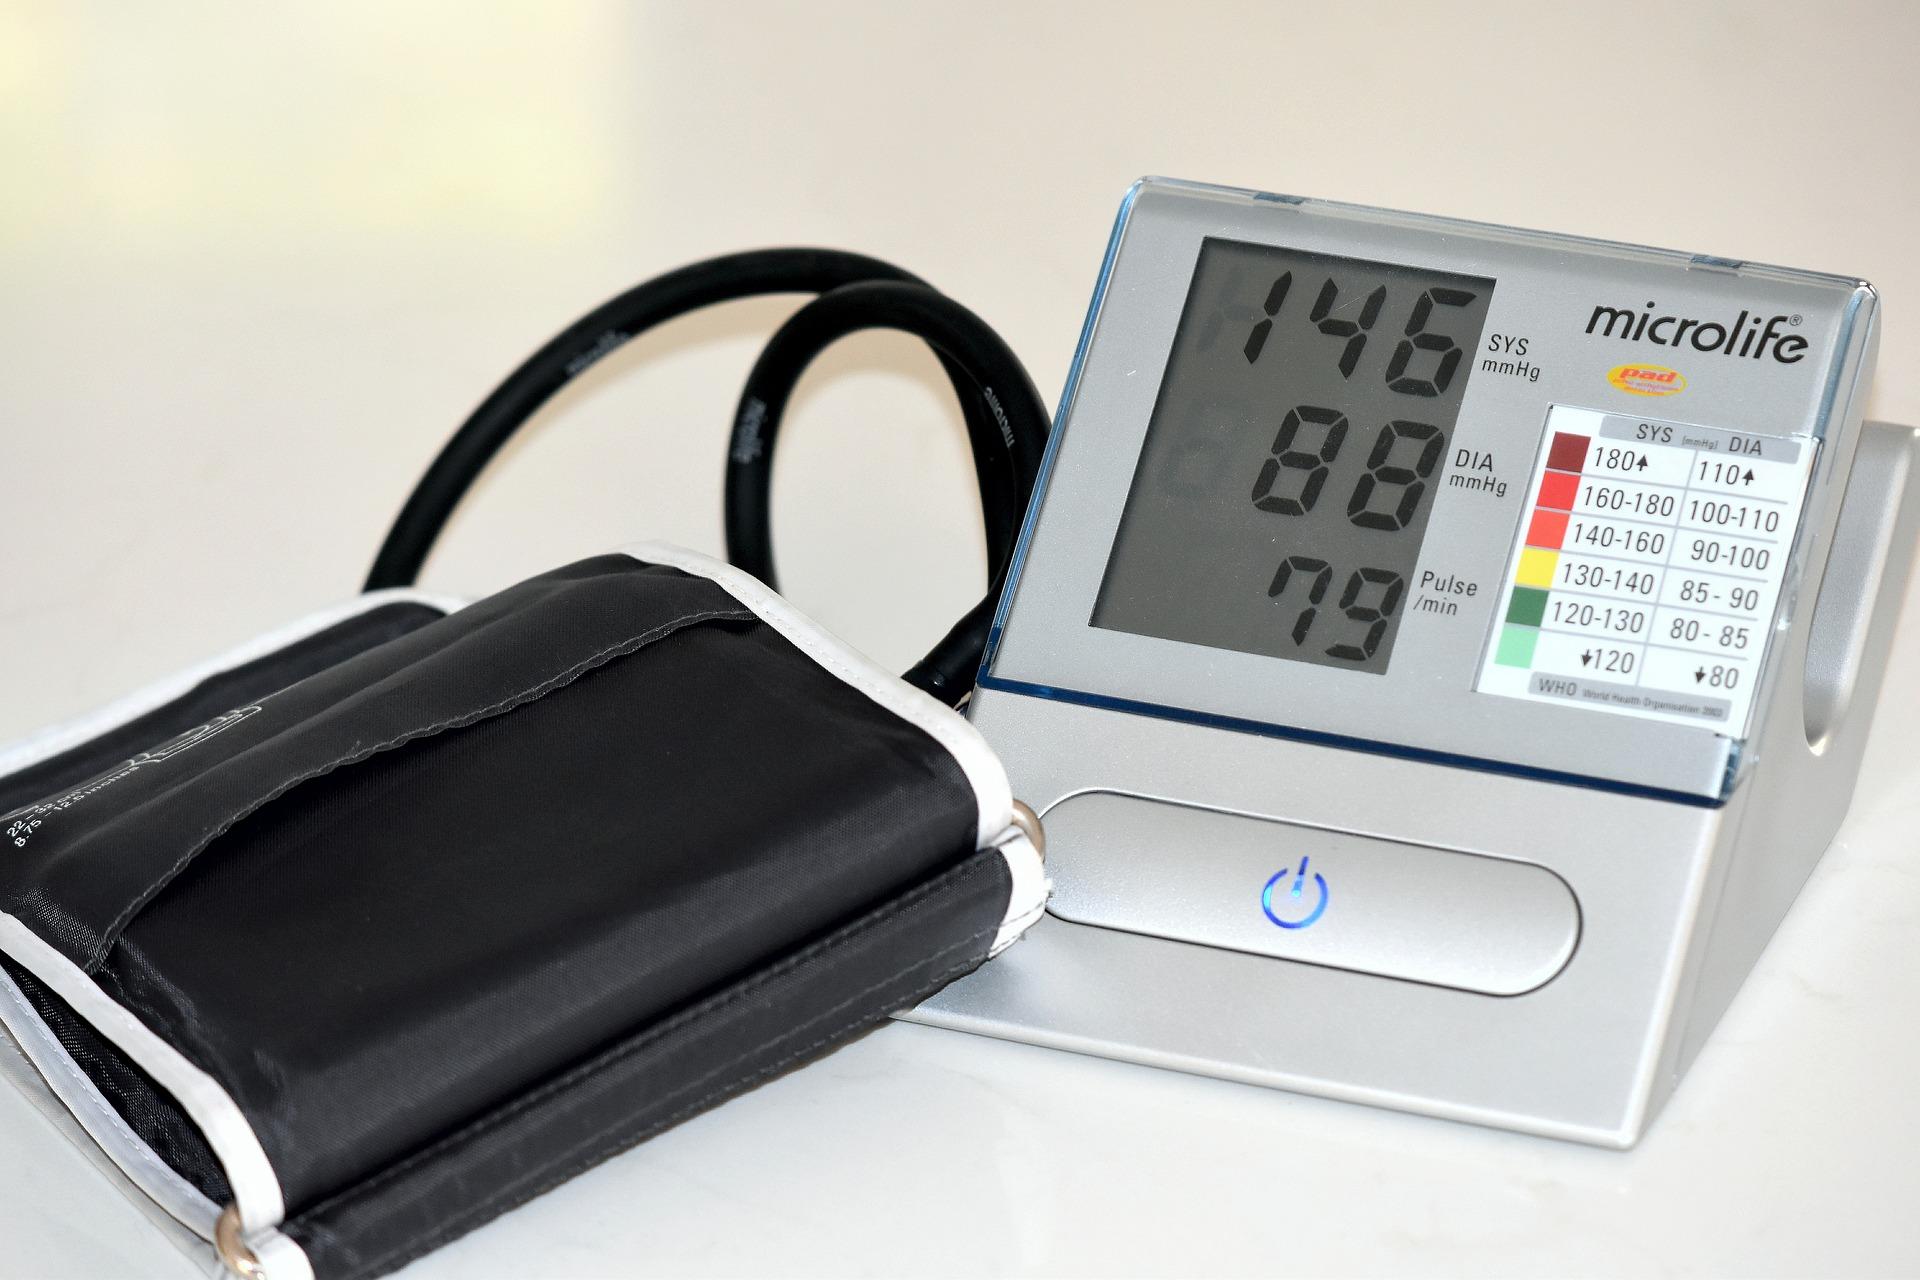 Ein hoher Blutdruck ist nicht immer schädlich • HealthNews